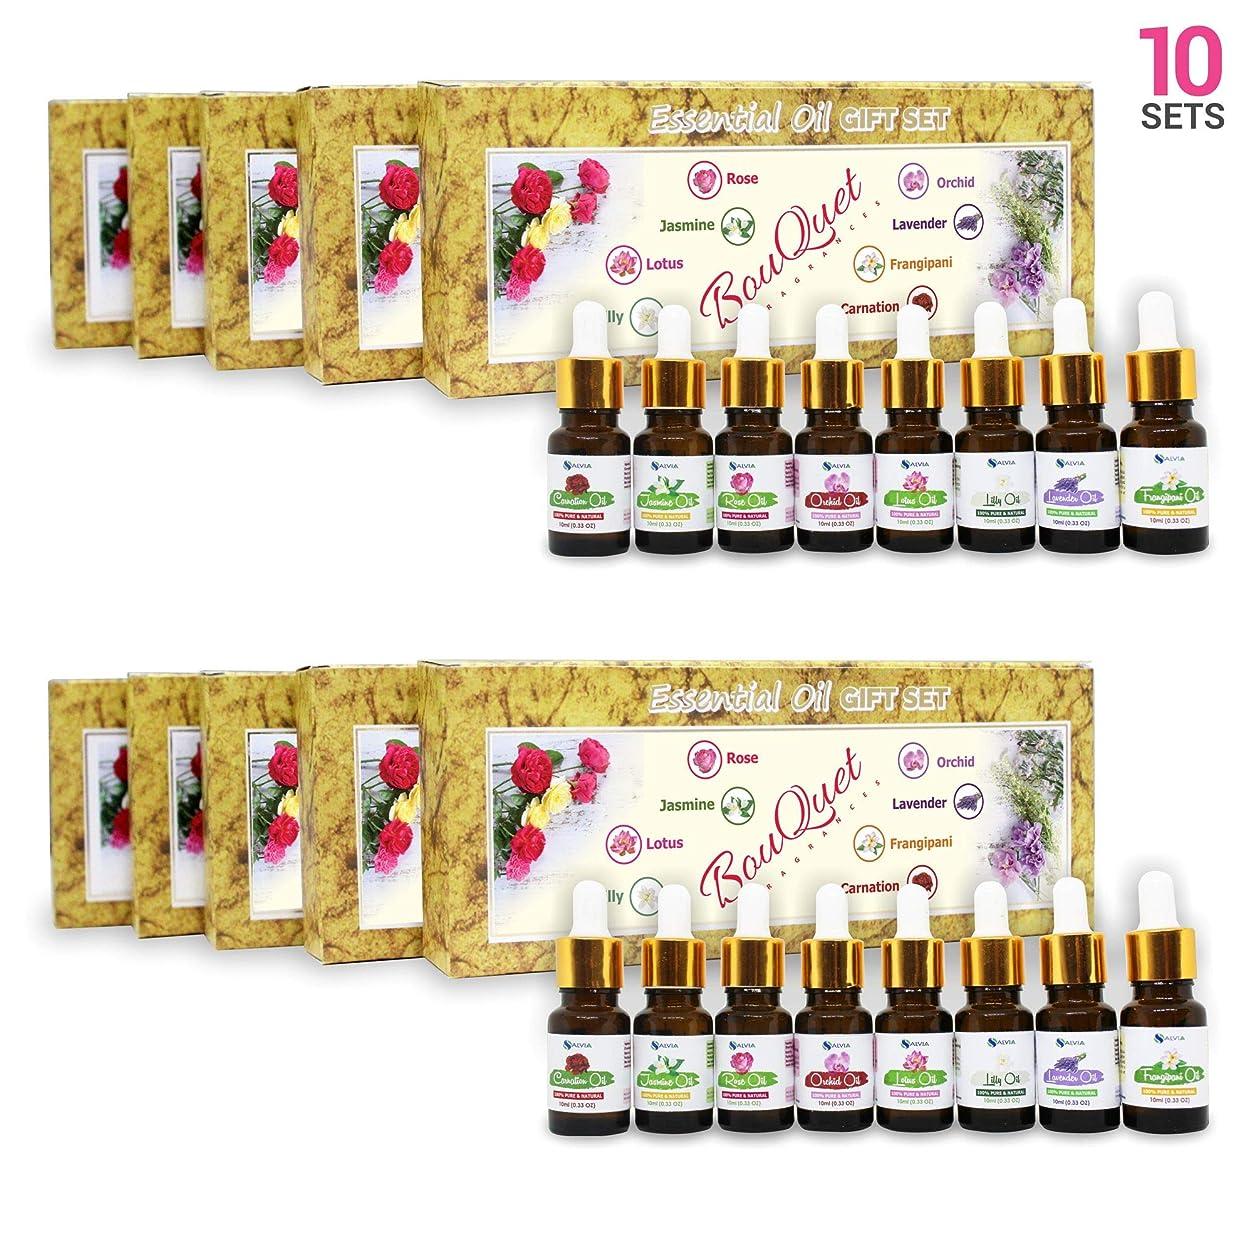 セットアップ米ドル四半期Aromatherapy Fragrance Oils (Set of 10) - 100% Natural Therapeutic Essential Oils, 10ml each (Rose, Jasmine, Lotus, Lilly, Orchid, Lavender, Frangipani, Carnation) Express Shipping